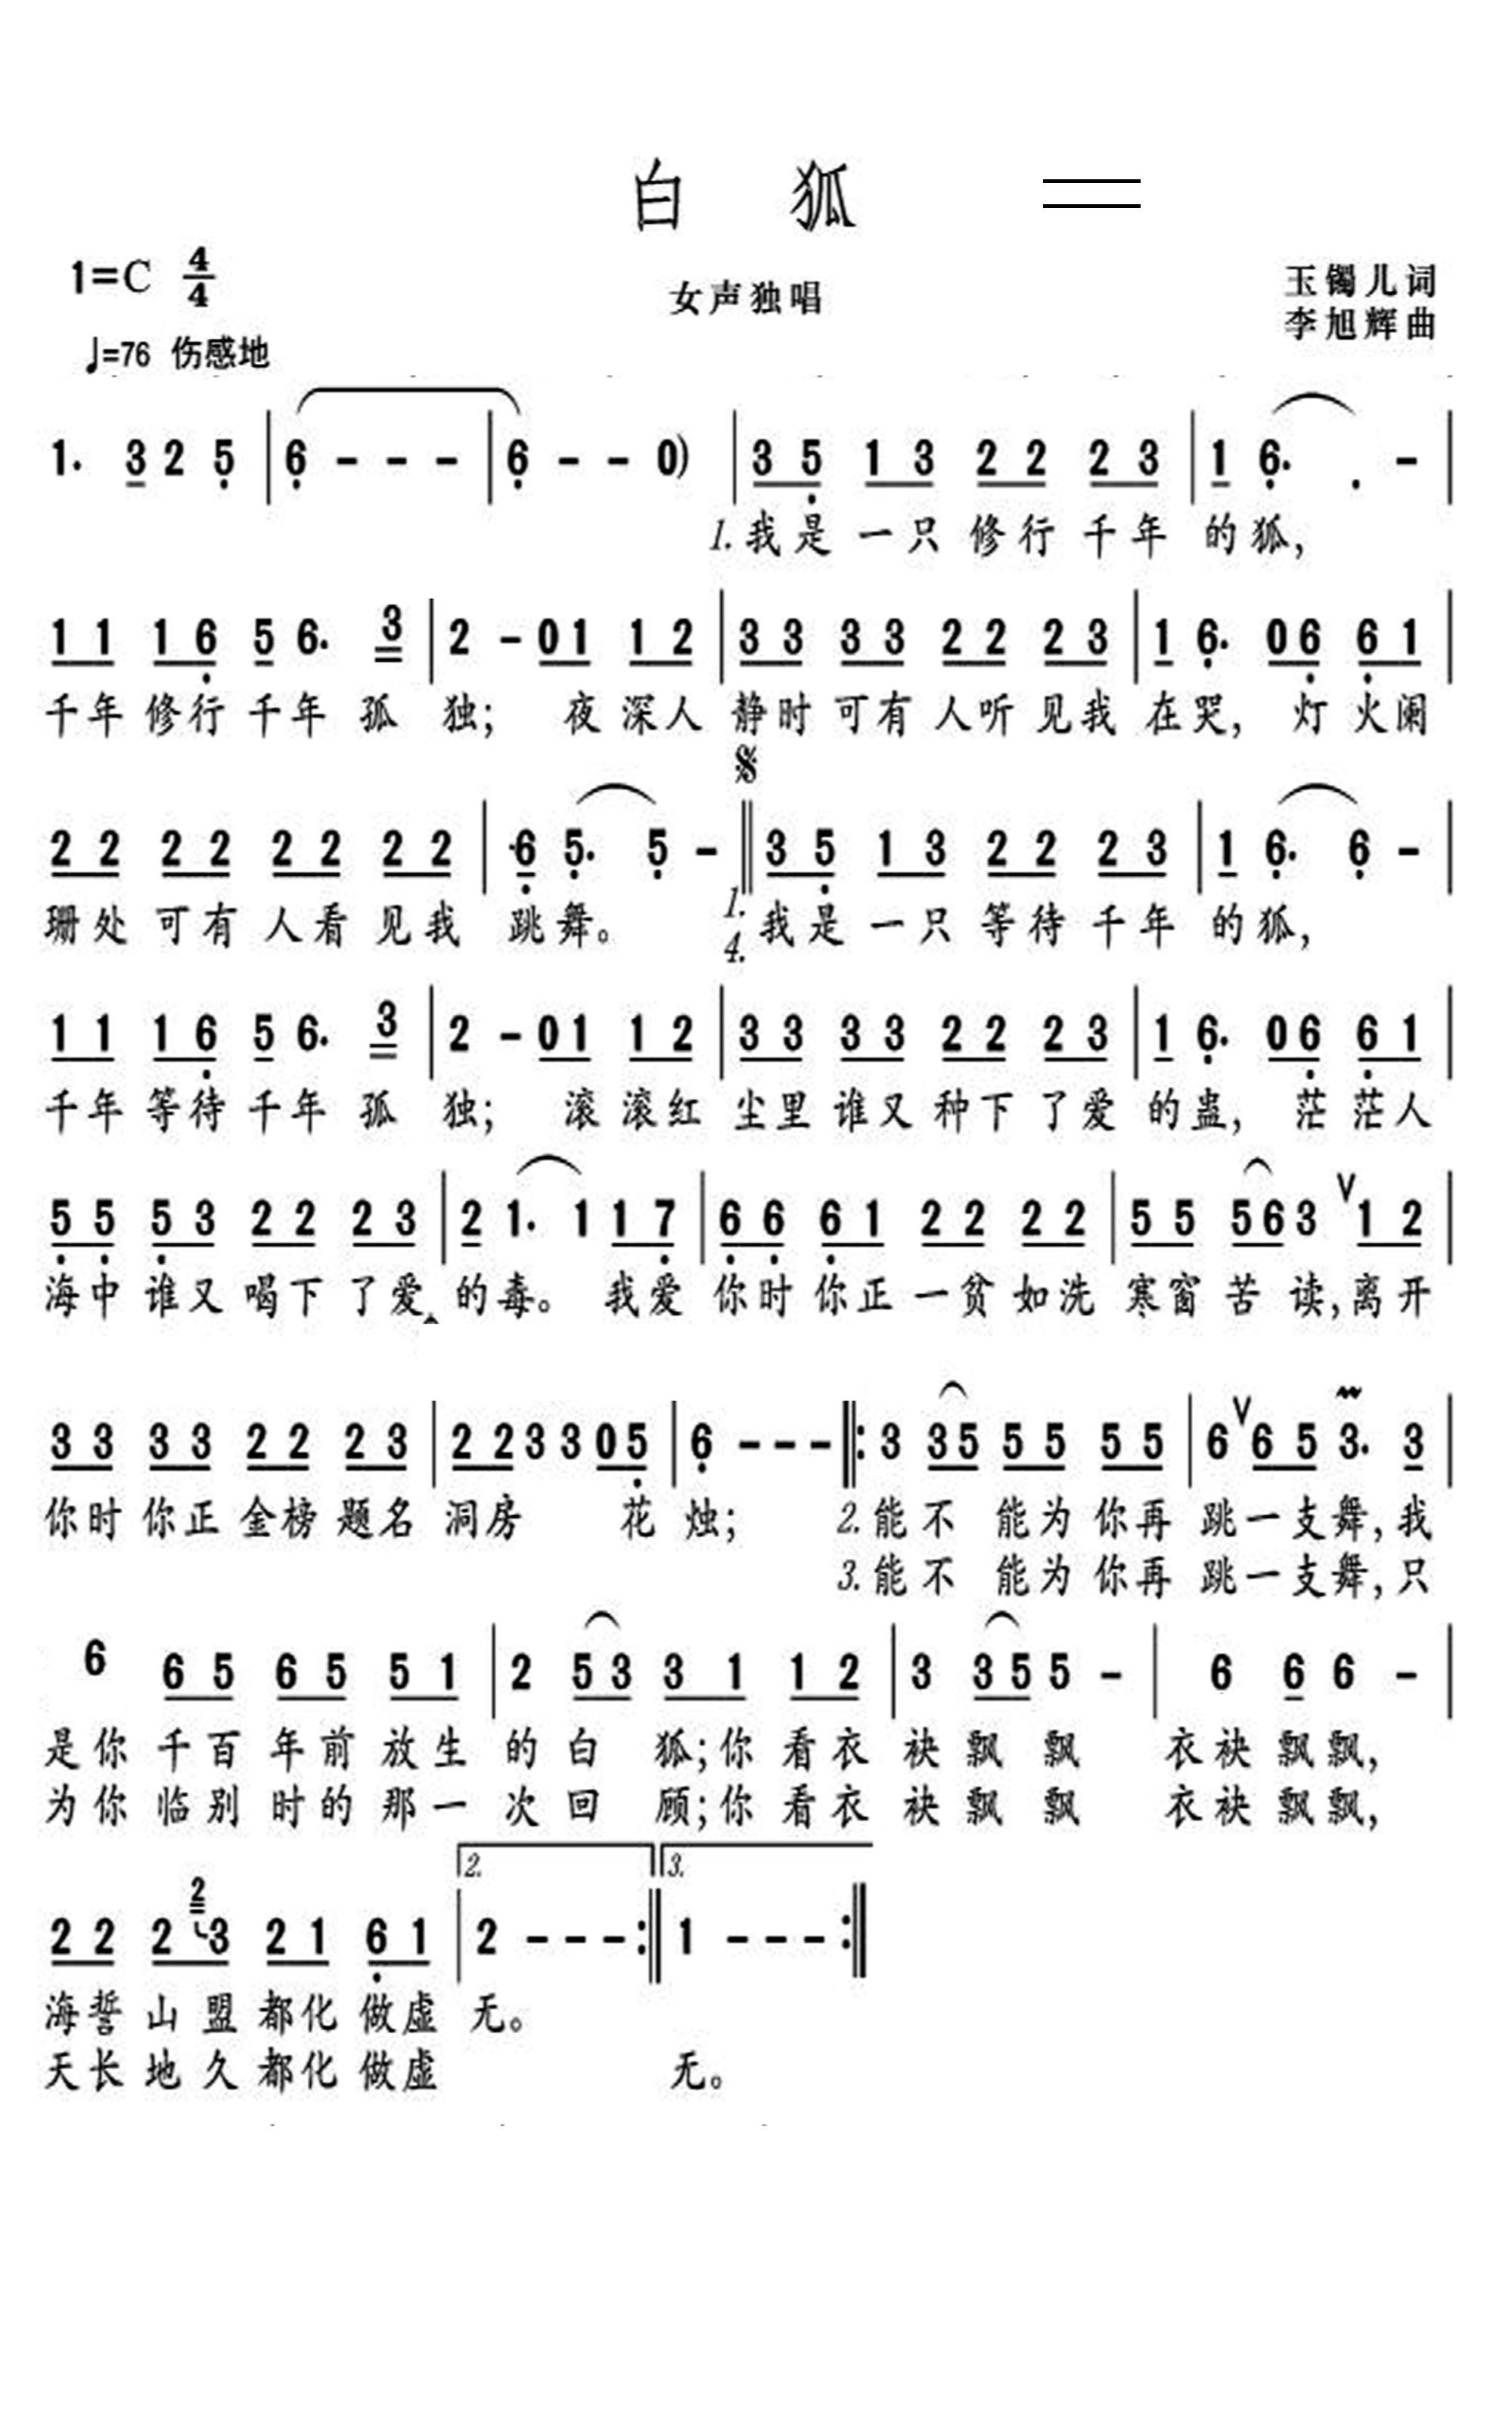 白狐--葫芦丝简谱(编曲 混缩) tiger1950